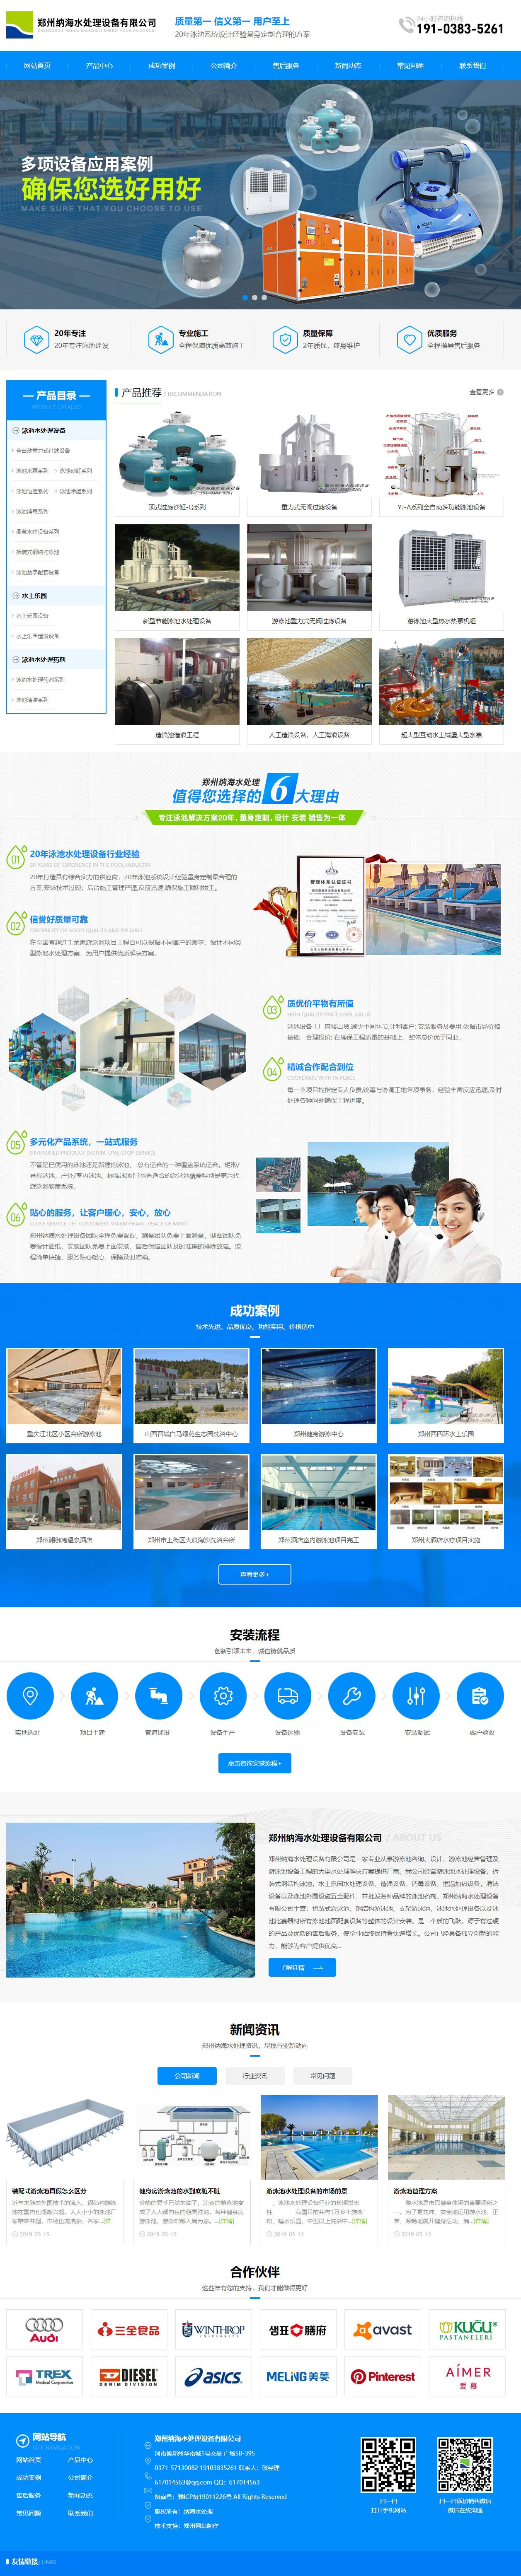 郑州纳海水处理设备有限公司首页效果图